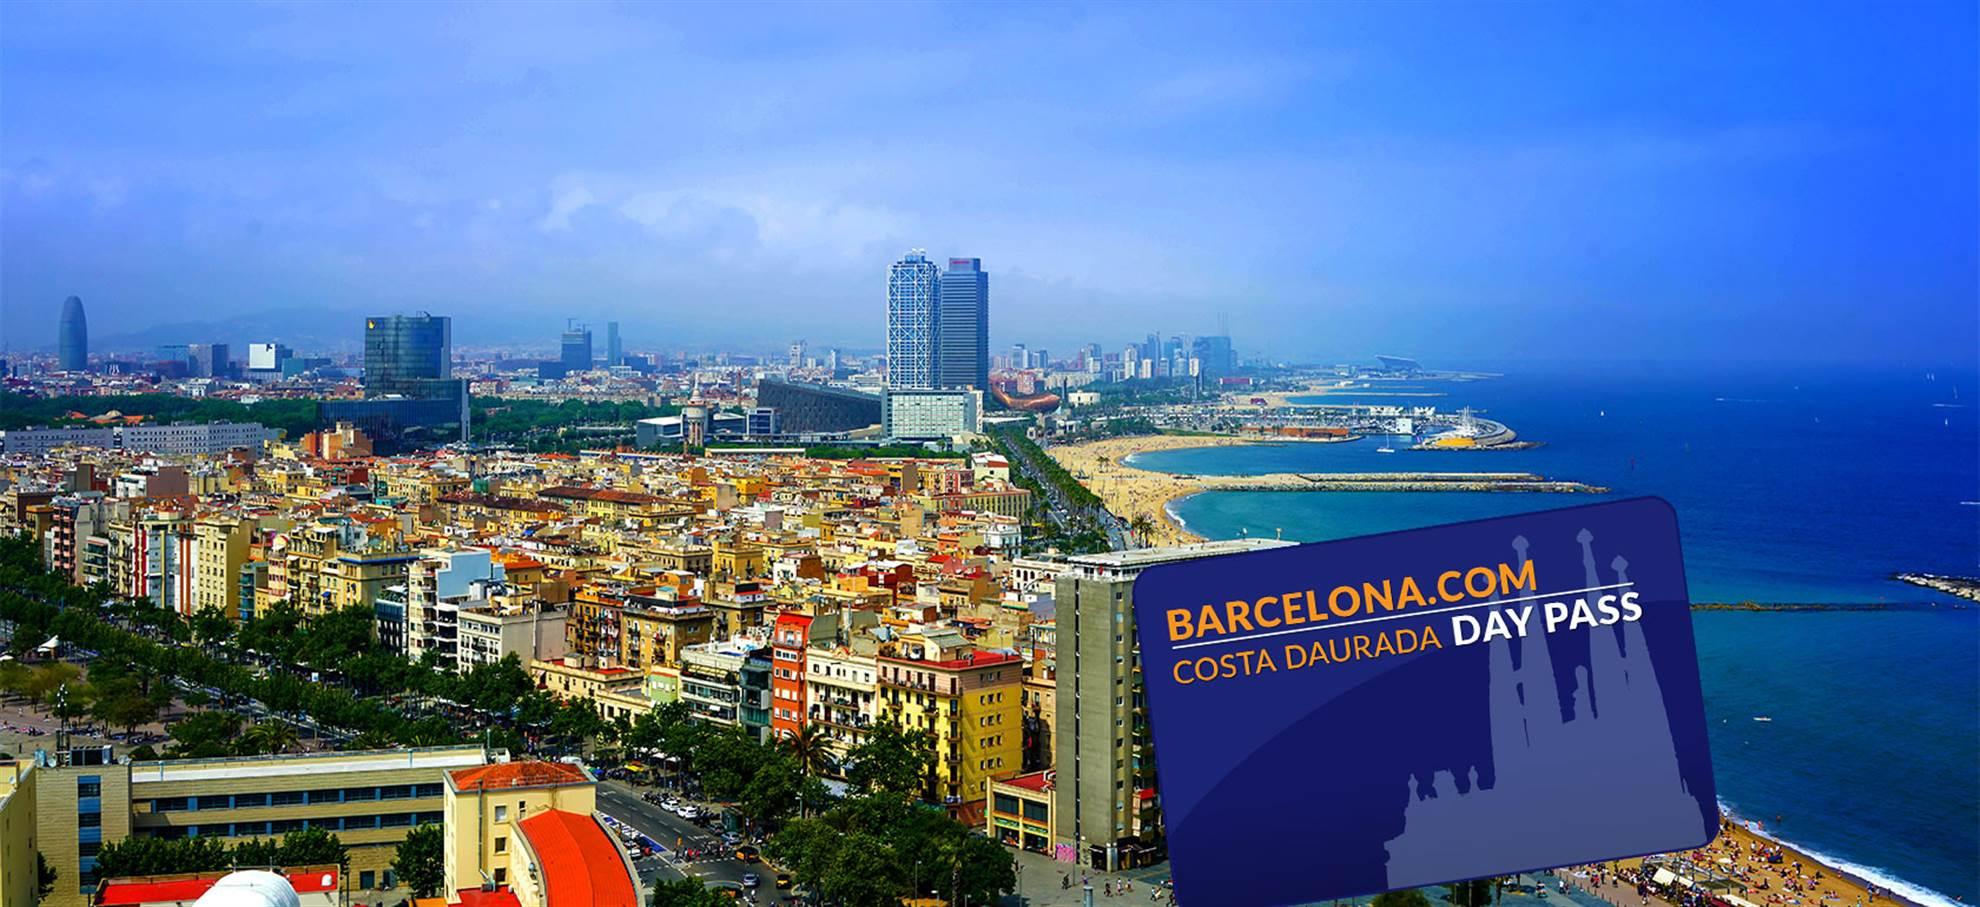 Pass Giornaliero Costa Daurada – Barcelona.com